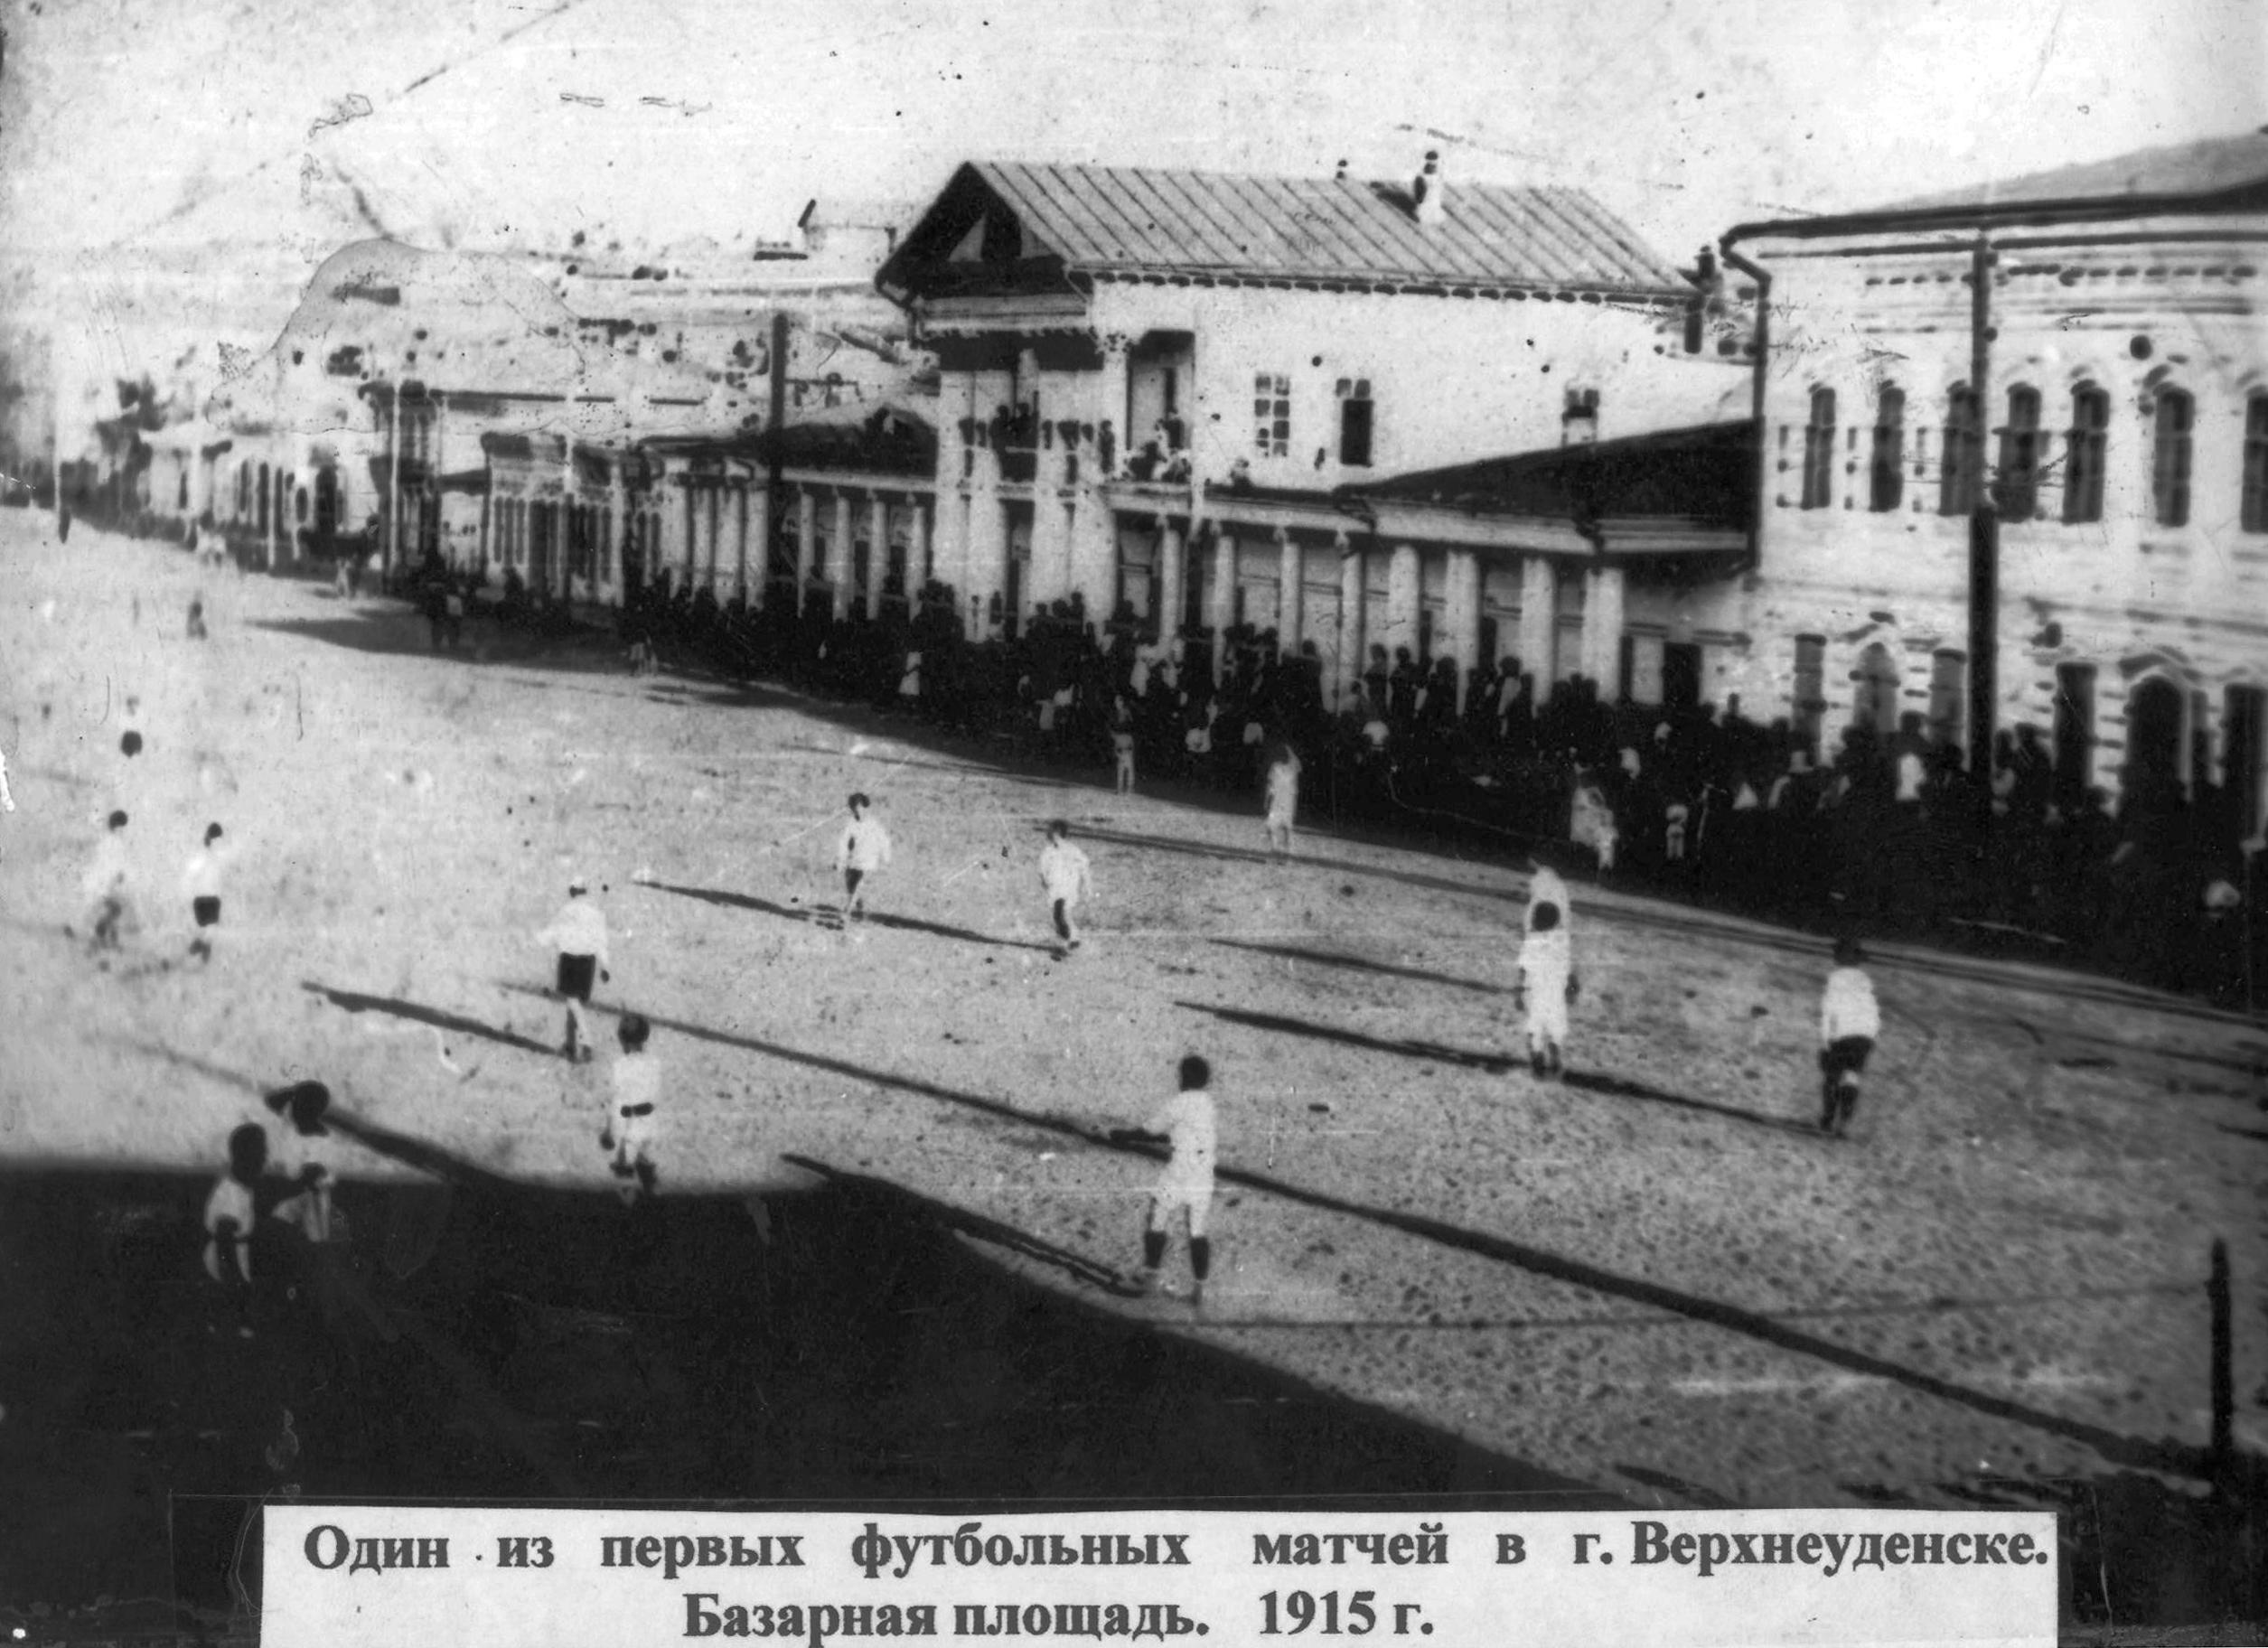 Горд Верхнеудинск. Базарная площадь. Один из первых футбольных матчей, 1915 год